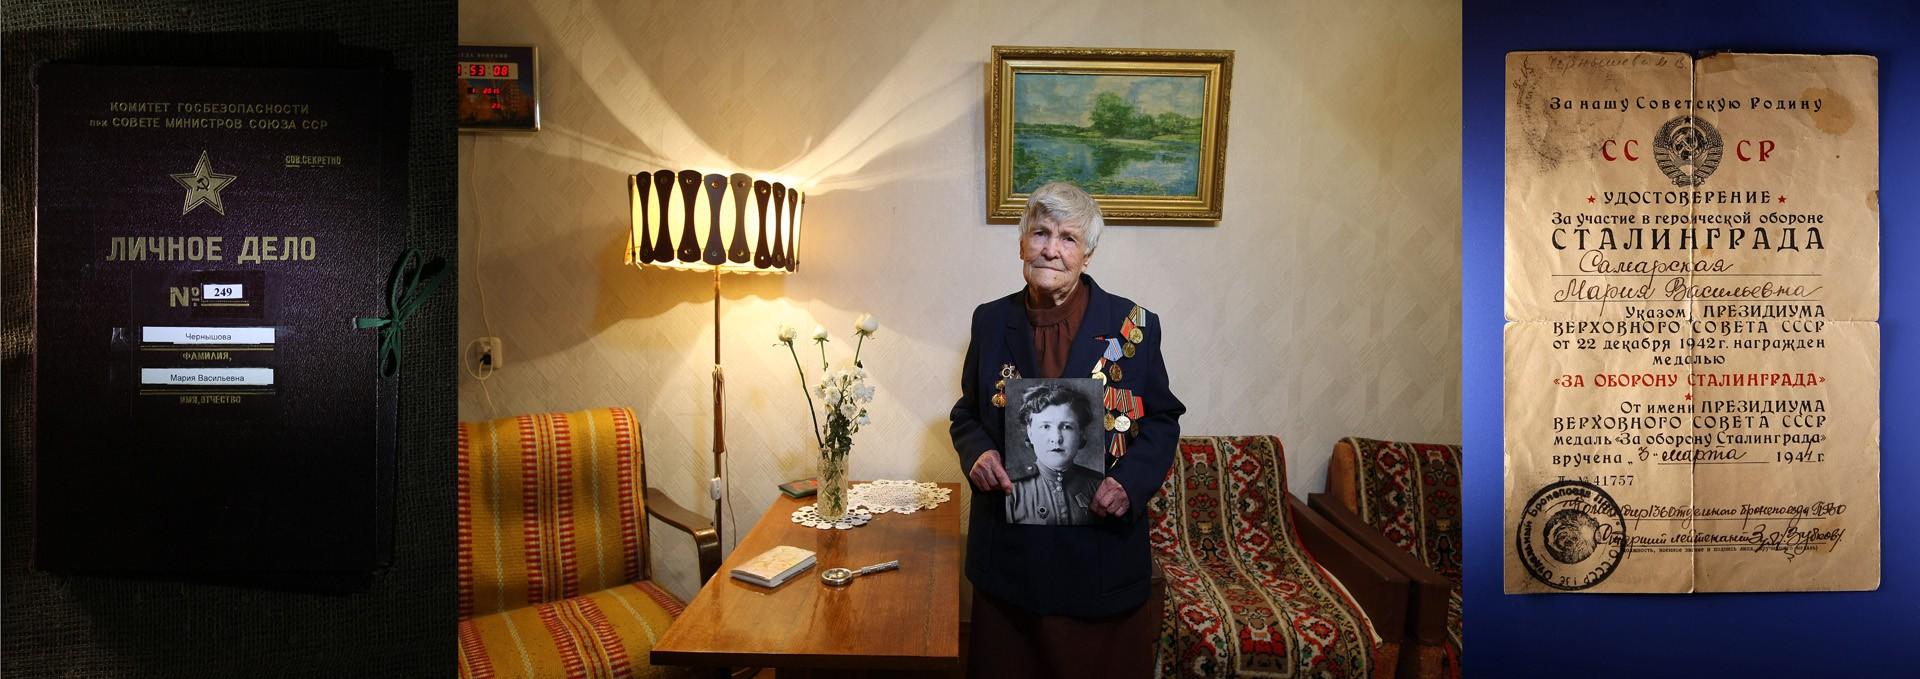 Чернышова Мария Васильевна